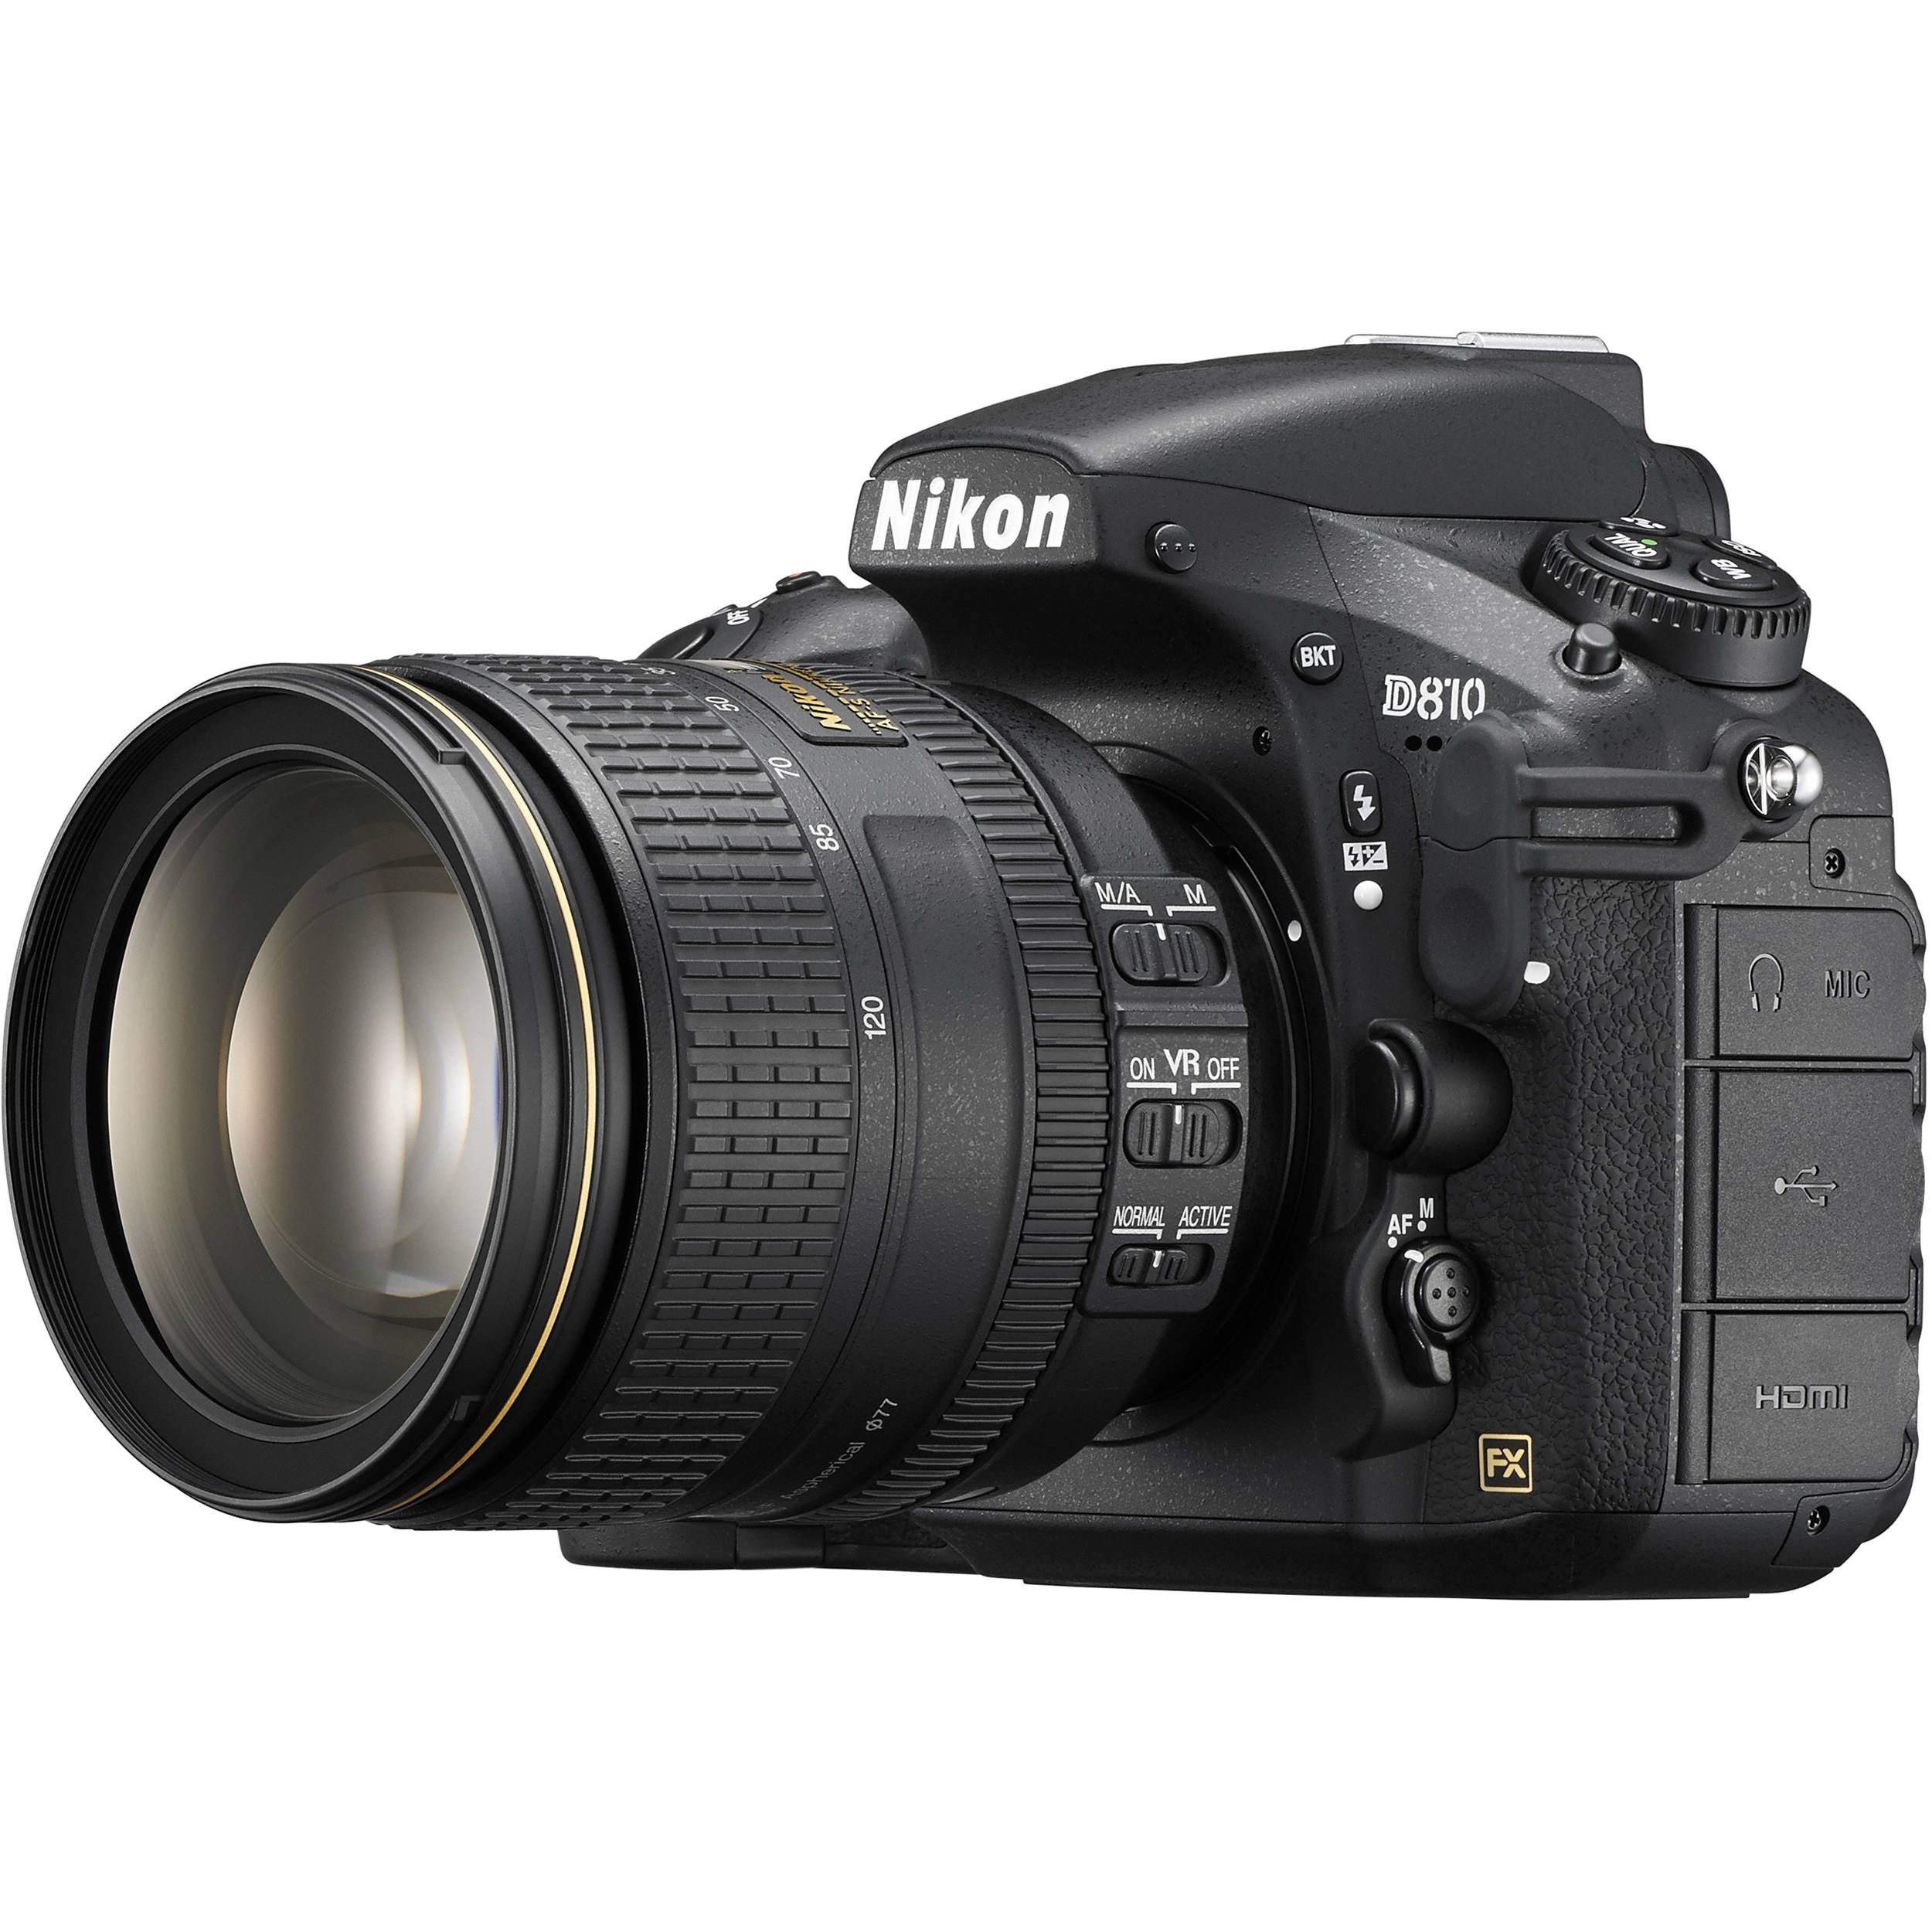 Nikon D810 Dslr Camera With 24 120mm Lens 1556 B H Photo Video Nikon Best Camera Nikon Dslr